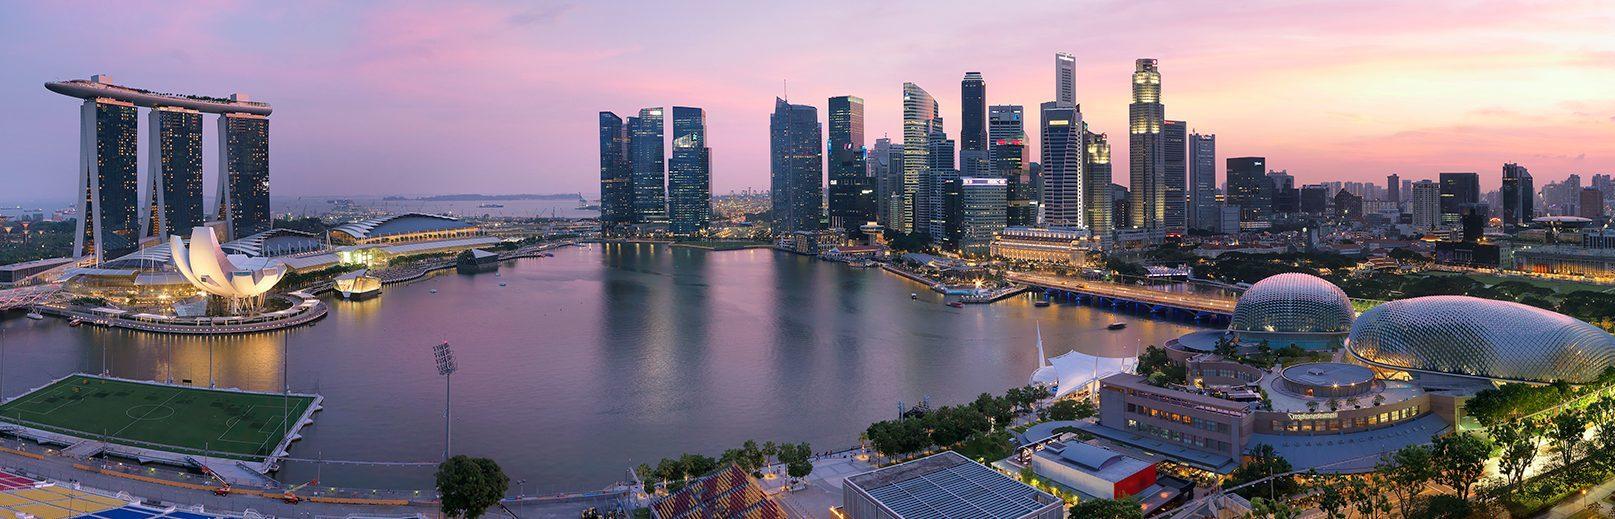 暂无点评          新加坡热门线路      新加坡相关推荐: 热门旅游